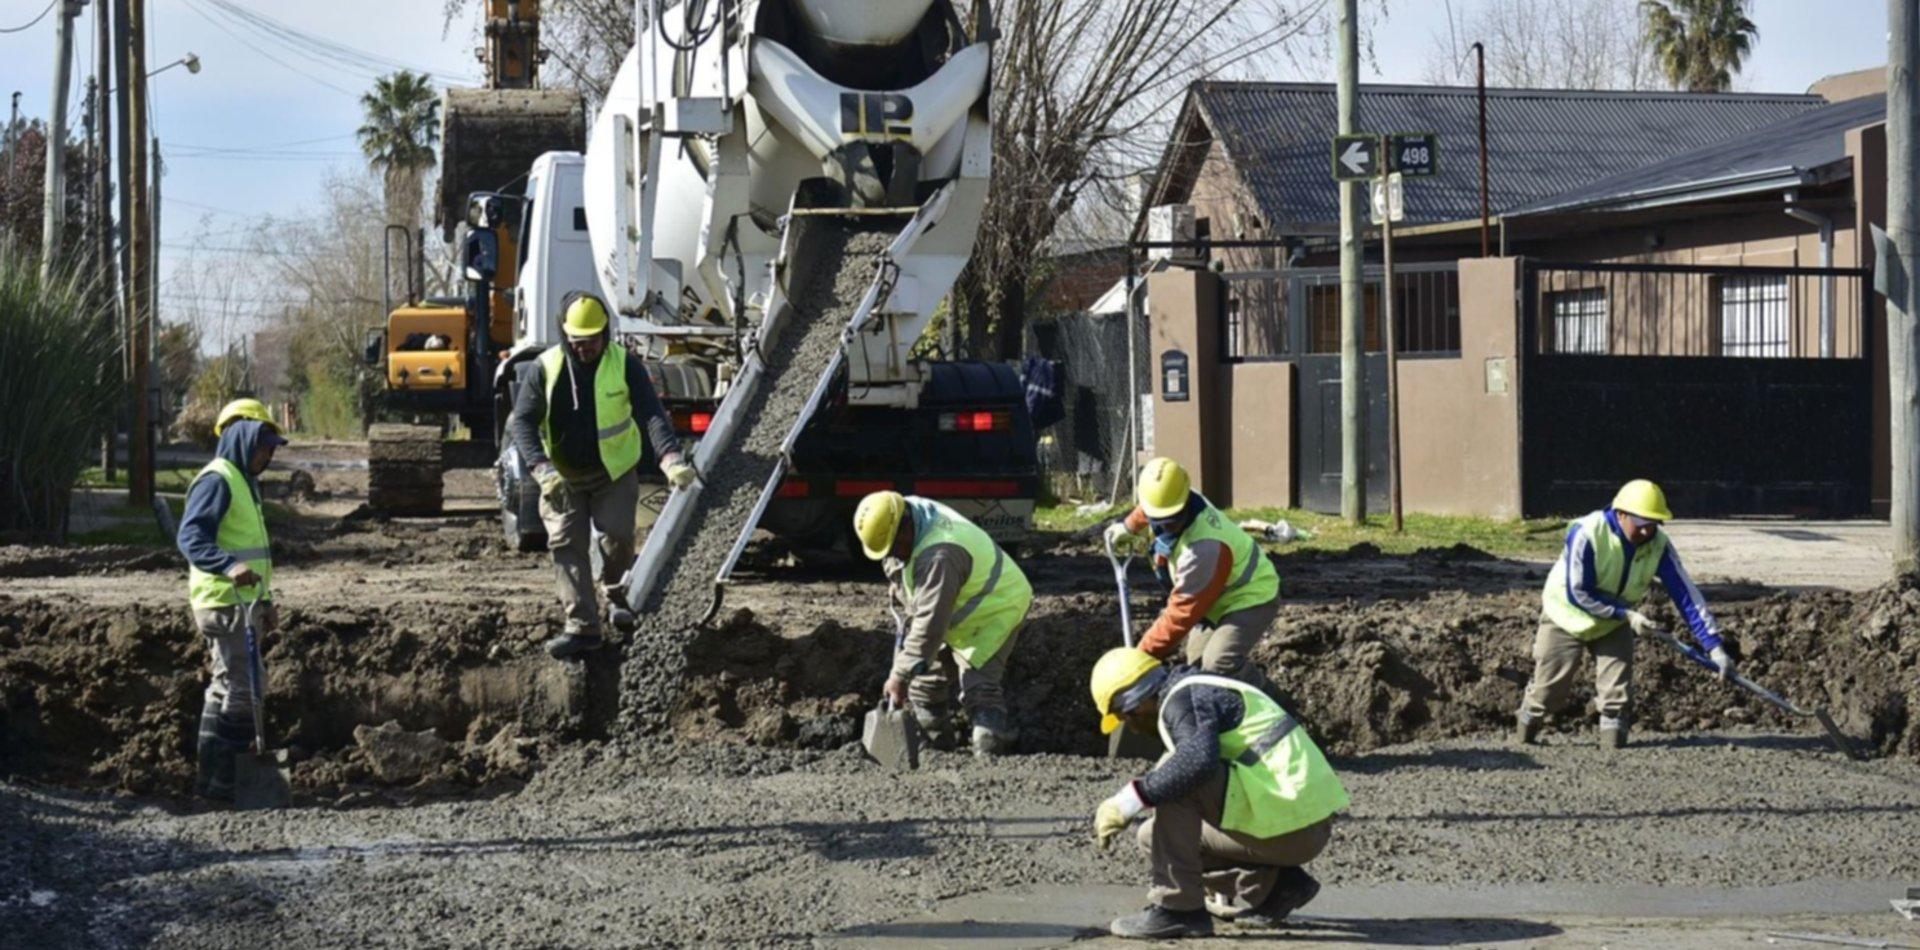 Avanzan con el plan de obras hidráulicas, cloacas y pavimento en Villa Castells